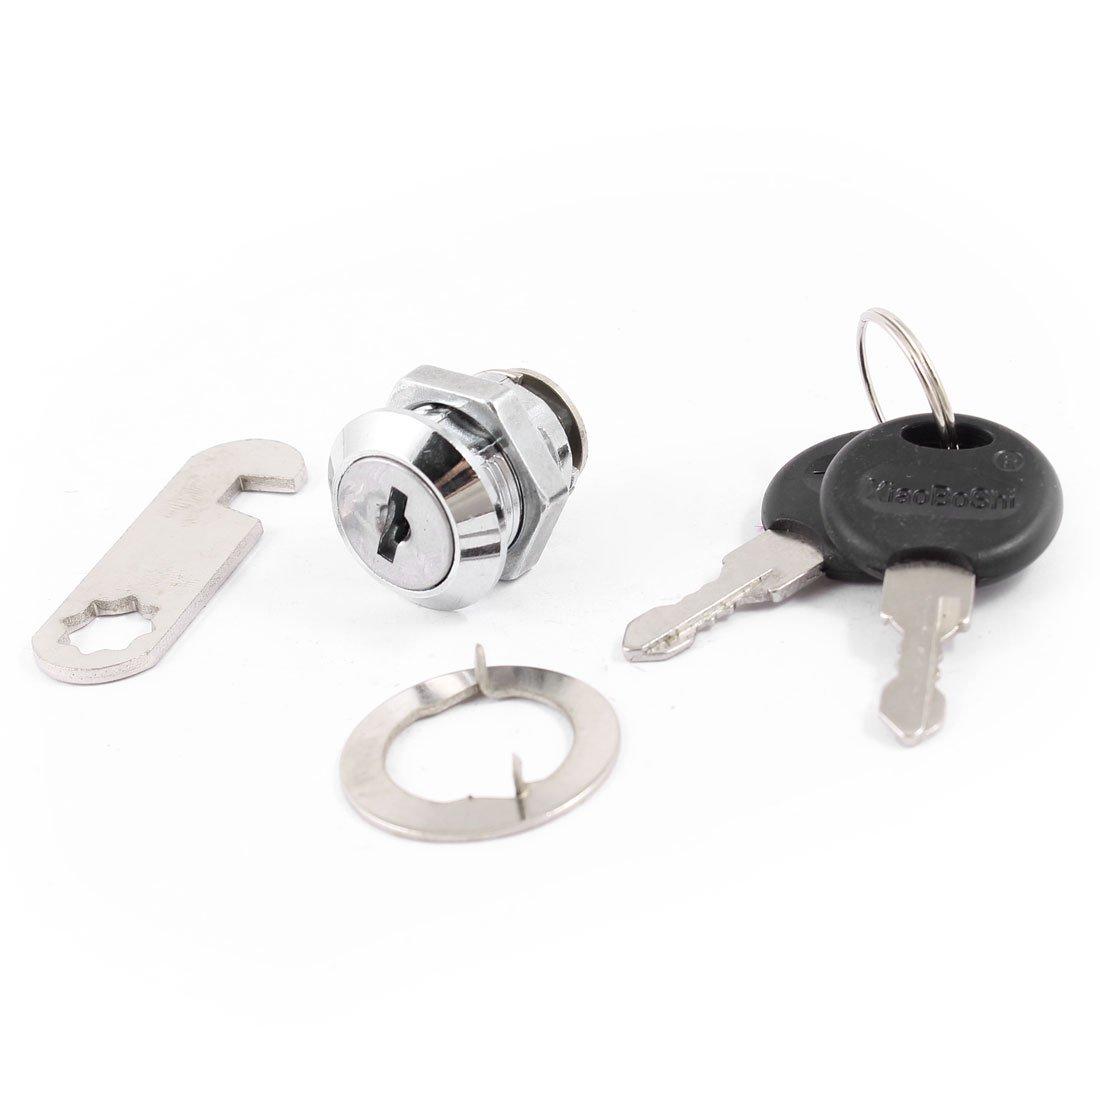 28/mm hauteur Bo/îte aux lettres replacemet de s/écurit/é en m/étal Cam Lock w 2/Cl/és